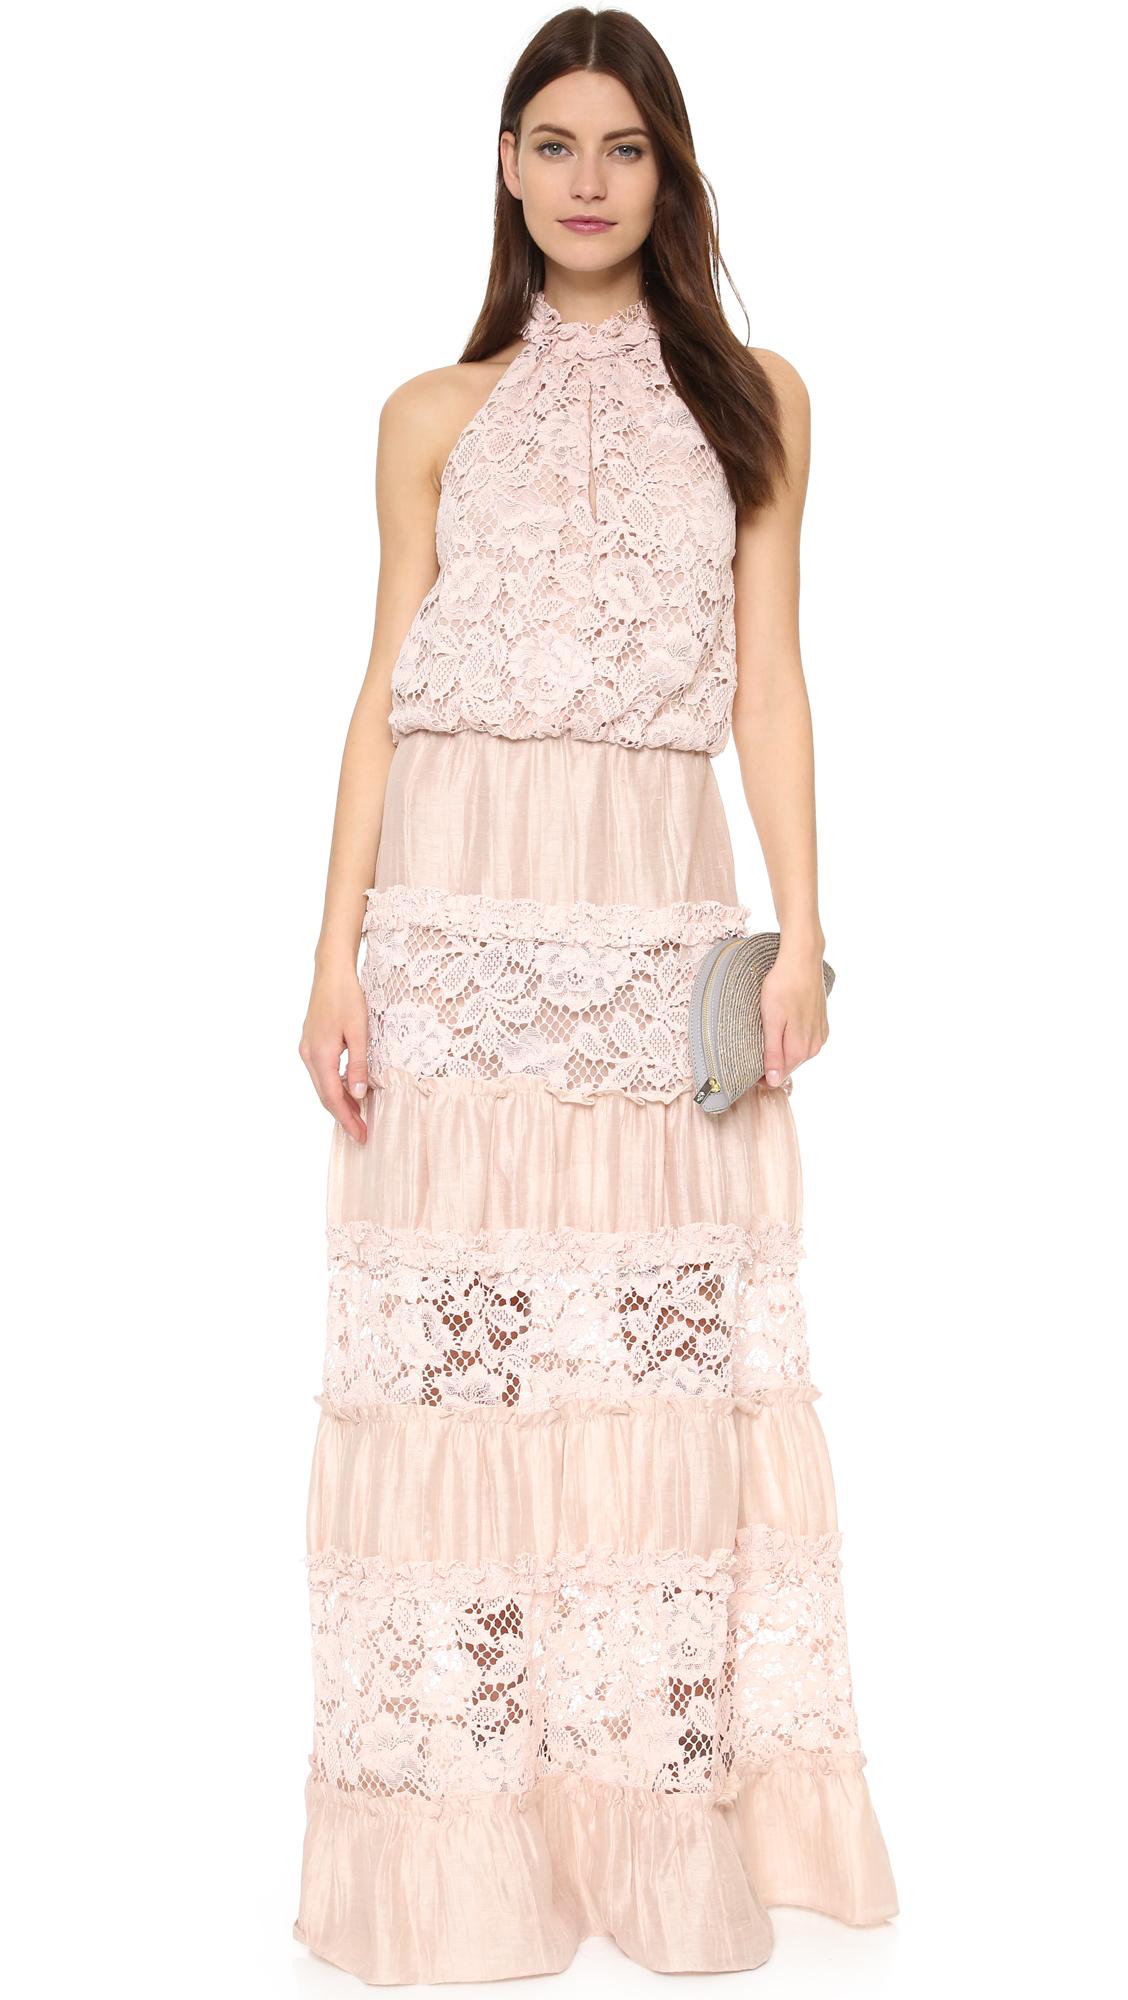 DRESSES - Long dresses Alexis c7gNVUk